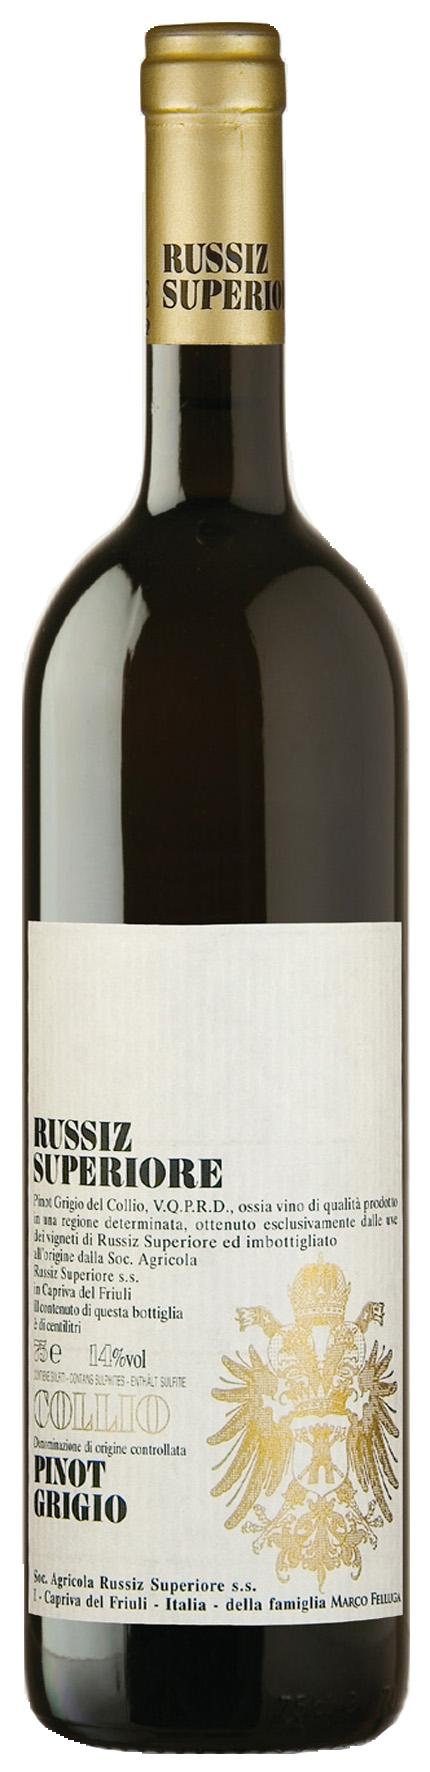 2015 Pinot Grigio Collio DOC RUSSIZ SUPERIORE